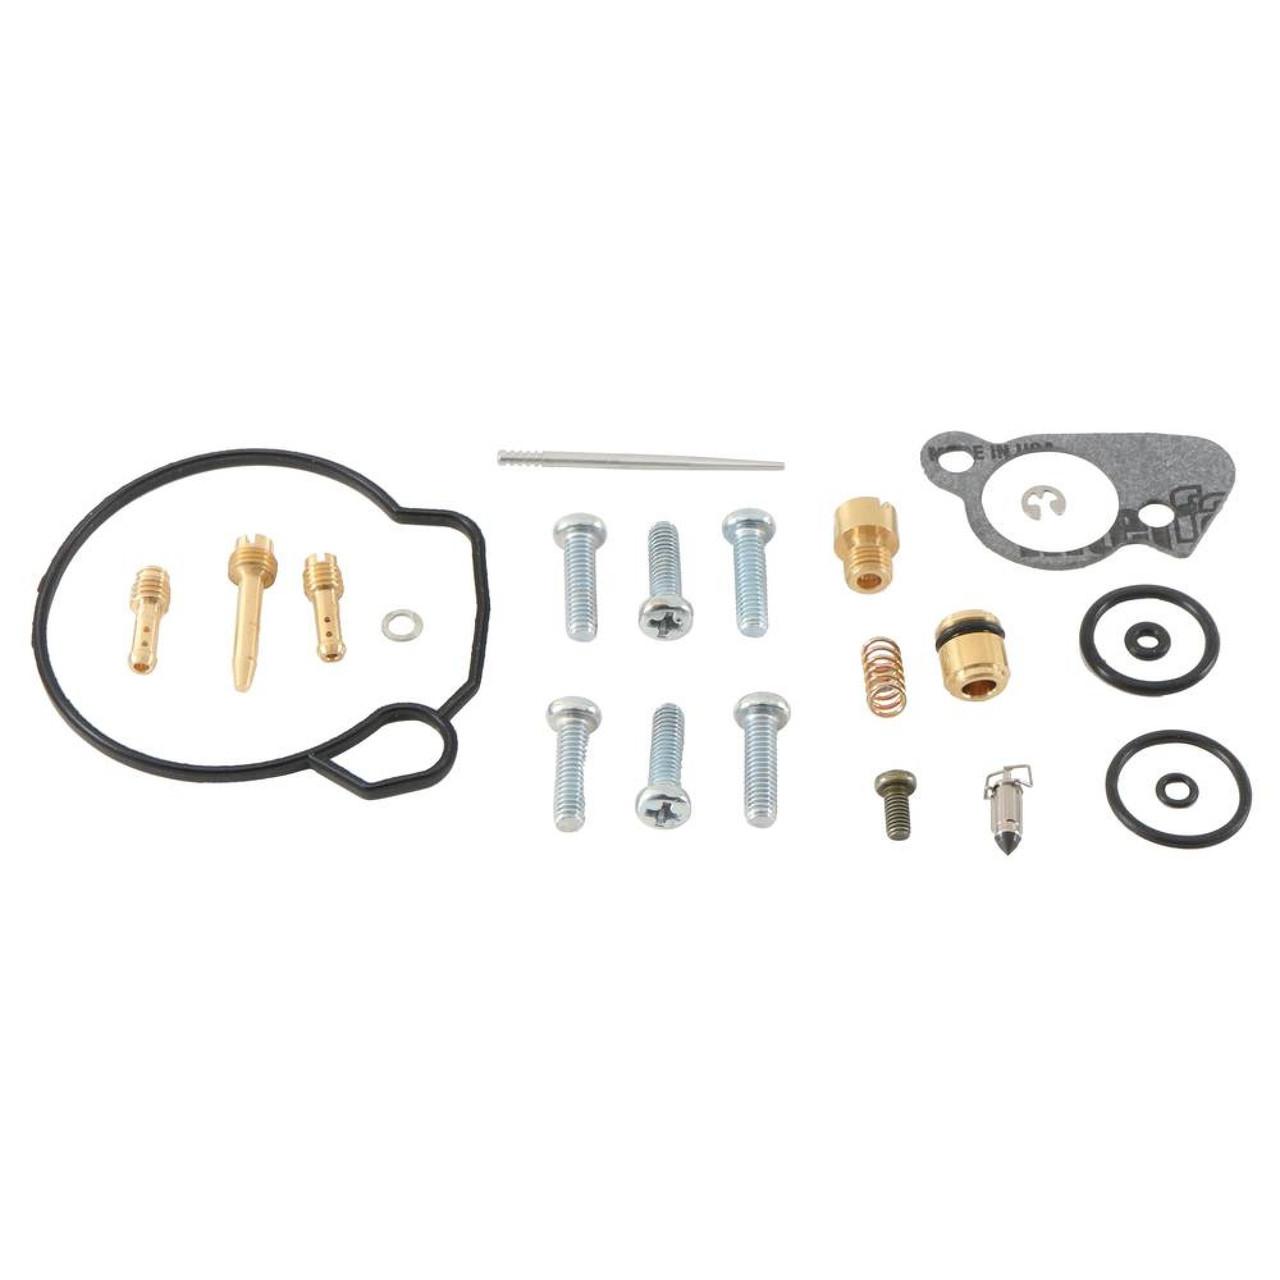 Carburetor Kits Quad Boss 26-1045